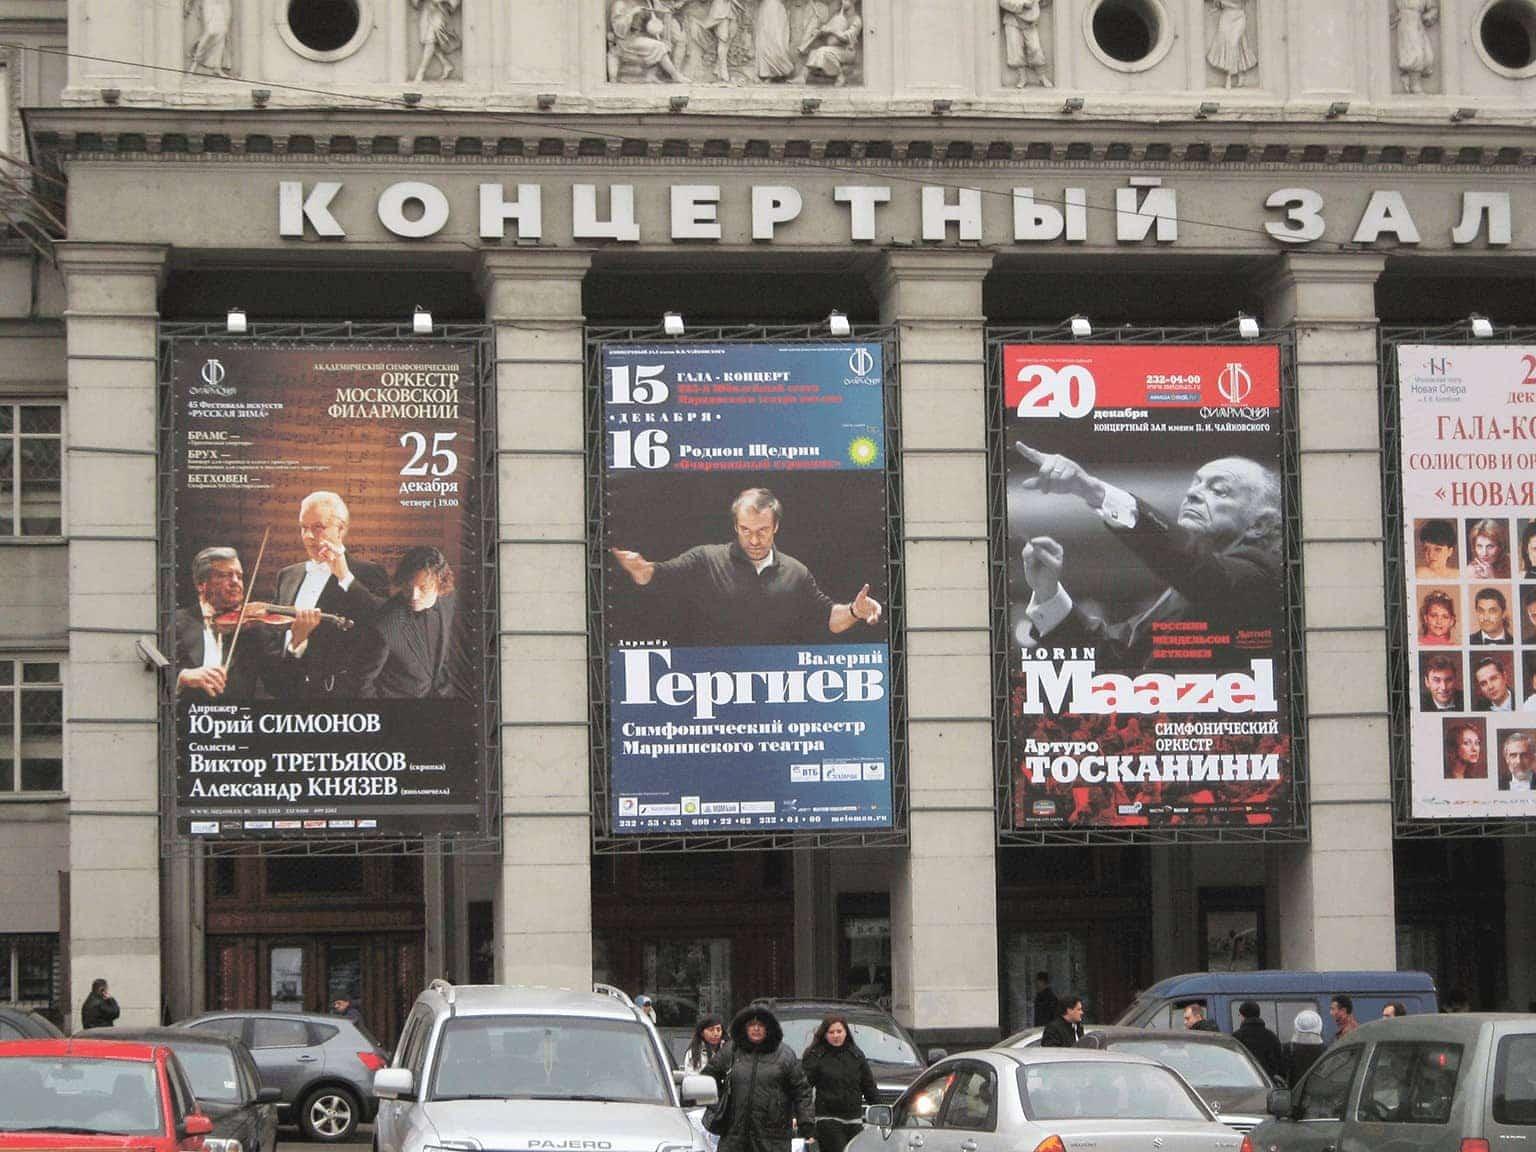 Московской филармонии исполняется 95 лет